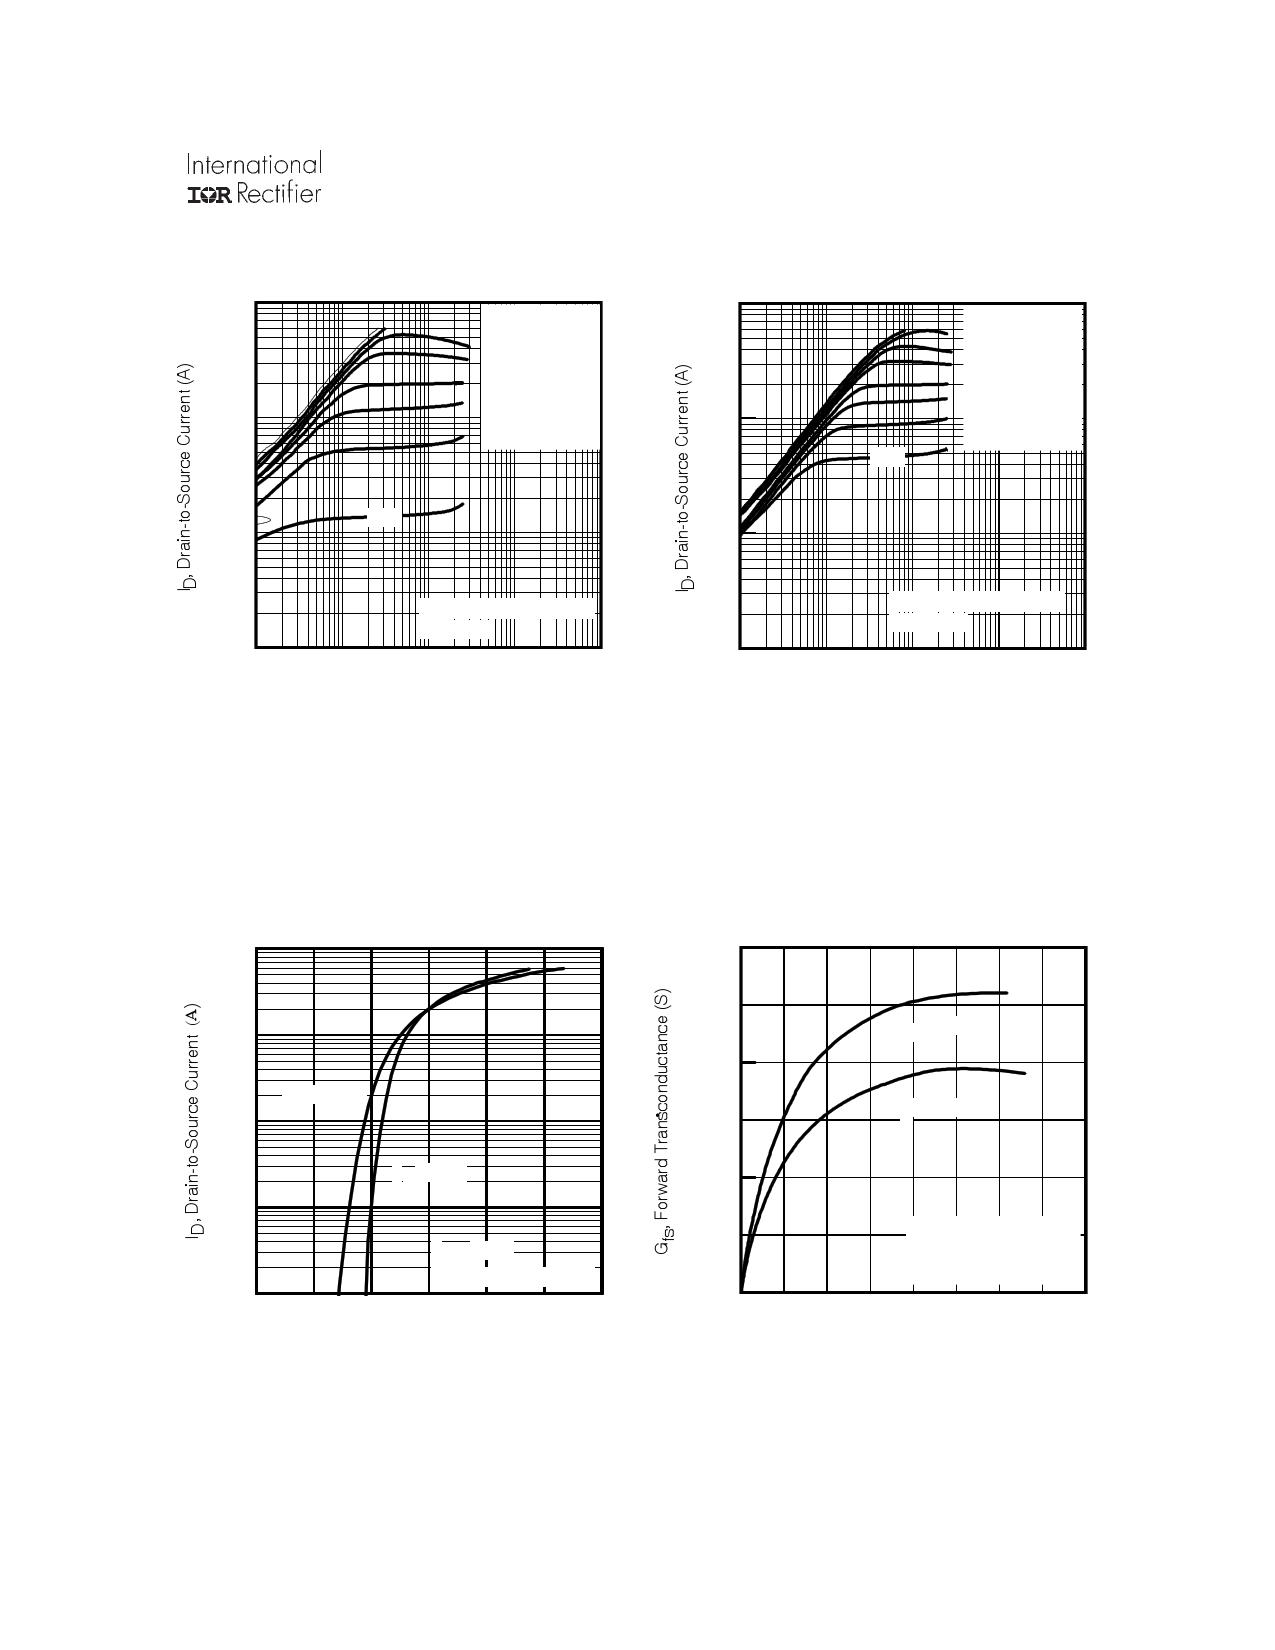 IRF1405ZL-7P pdf, ピン配列